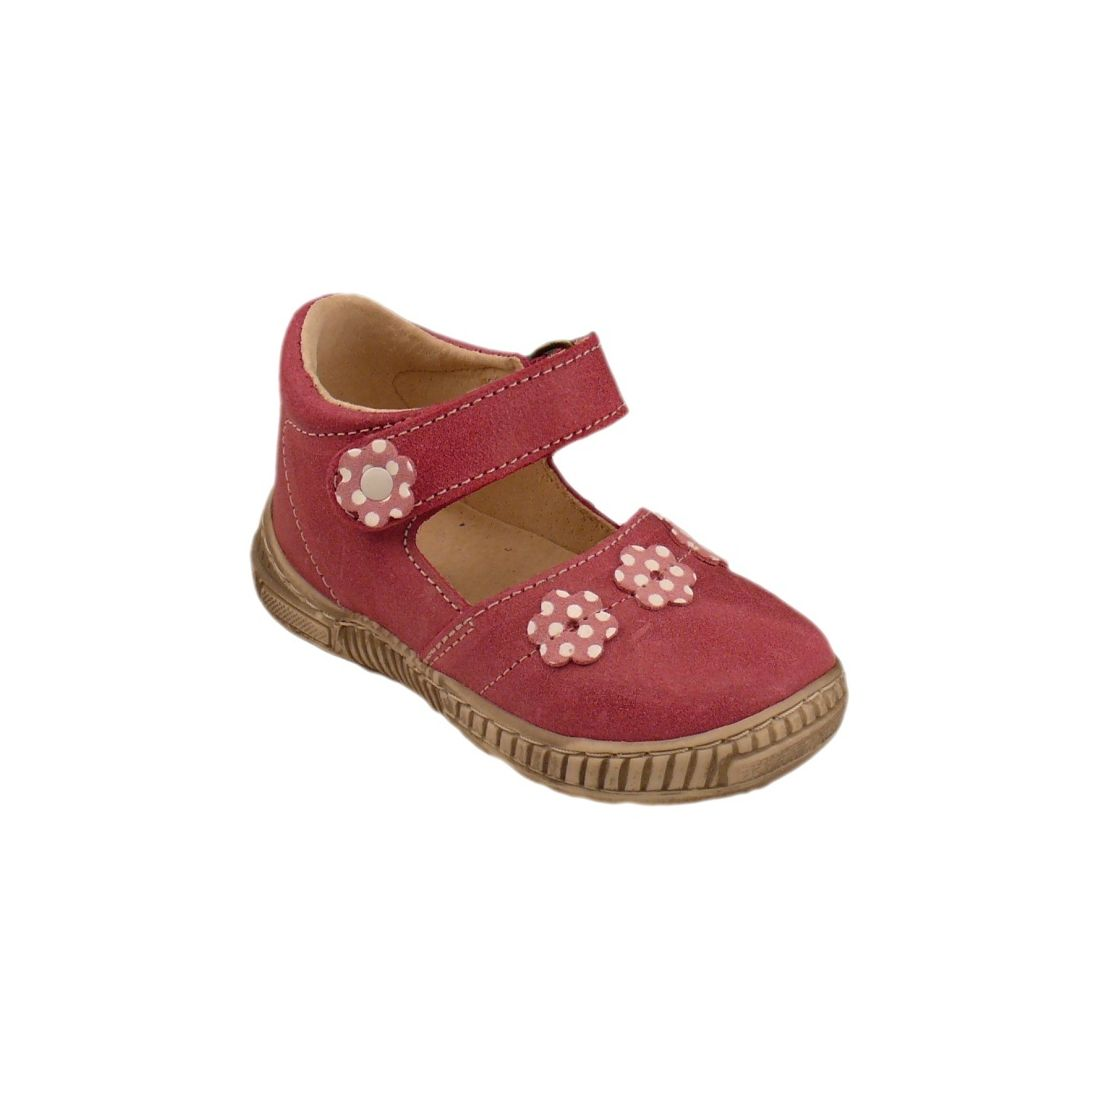 ad32b0a377f dosupliku.cz - Obuv - Dětská obuv - Letní obuv - Pegres 1102 sandál